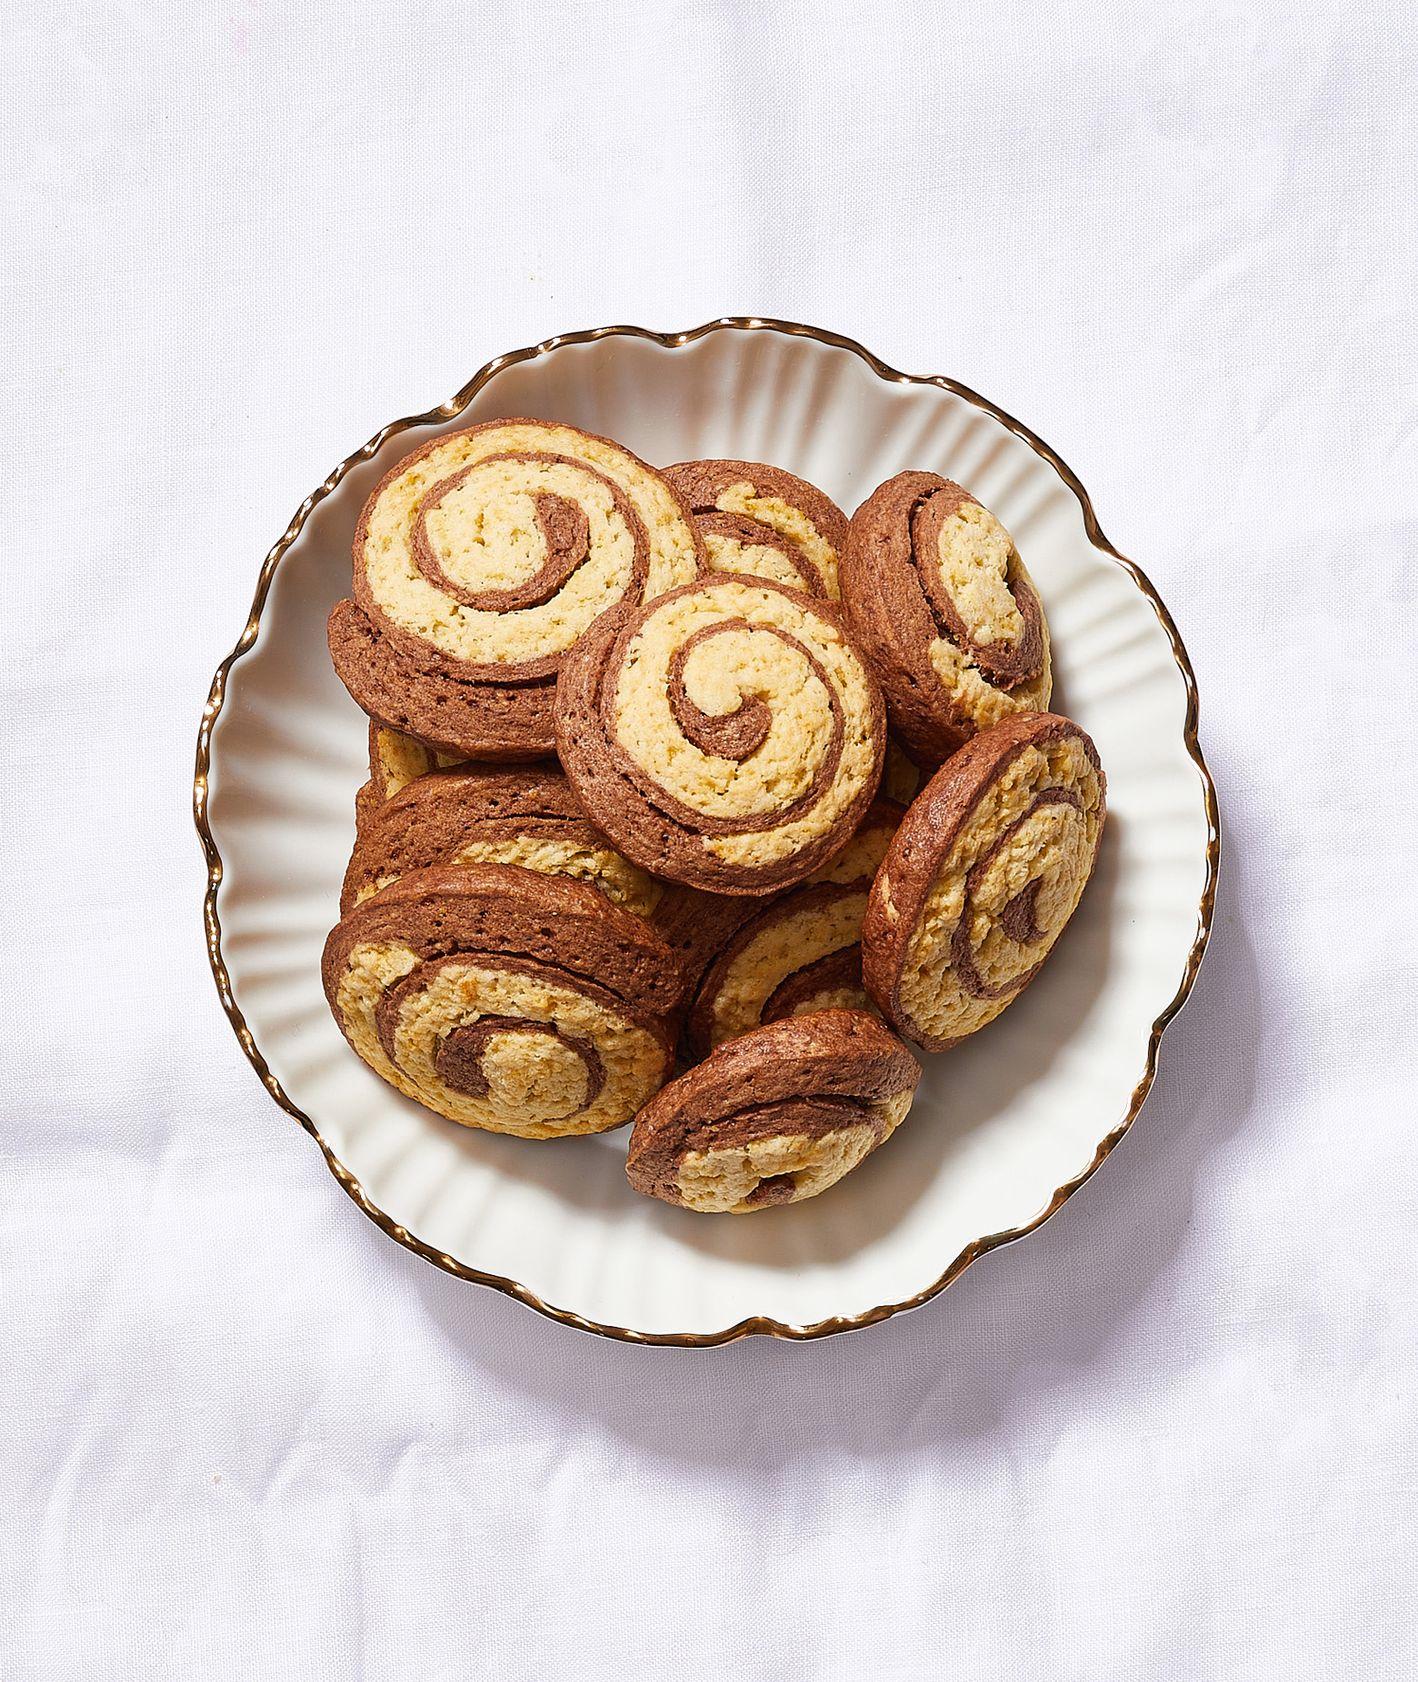 Słodycze bez białego cukru. Ciasteczka czekoladowo-waniliowe (fot. Maciek Niemojewski)